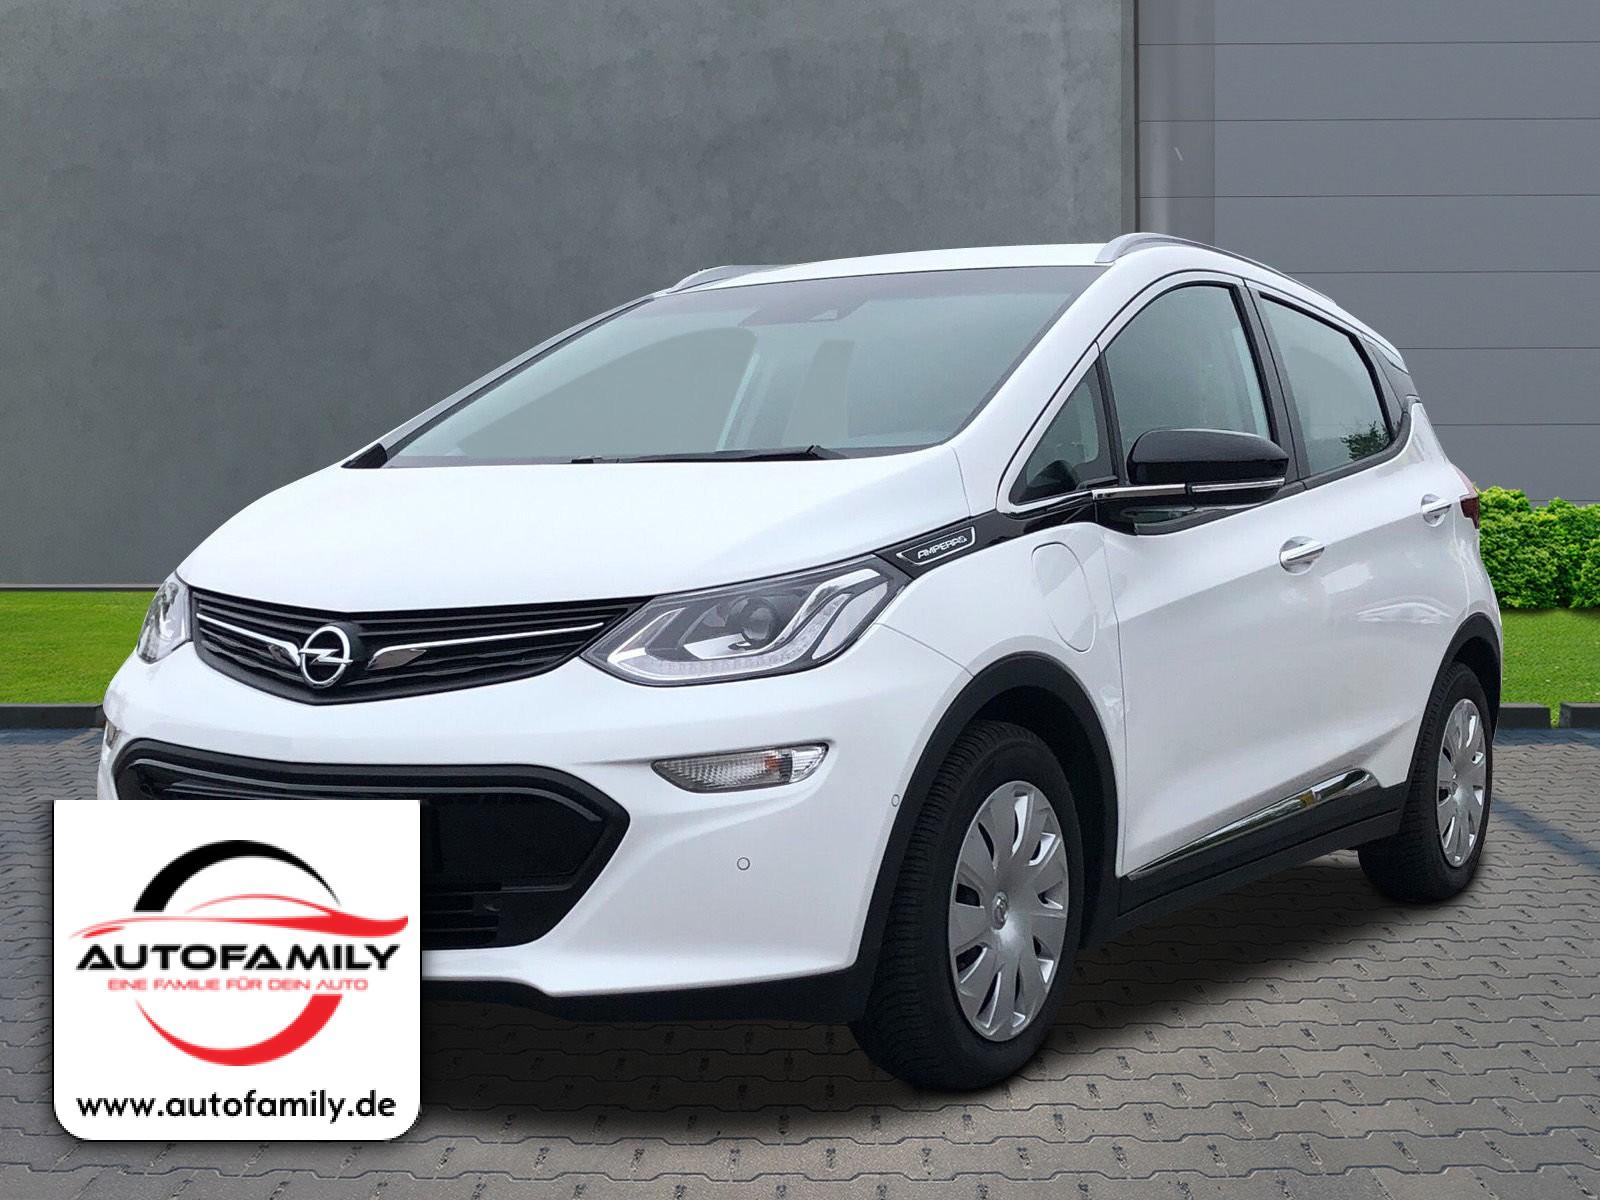 Opel Ampera-e Basis +XENON+SITZHEIZUNG, Jahr 2017, Elektro